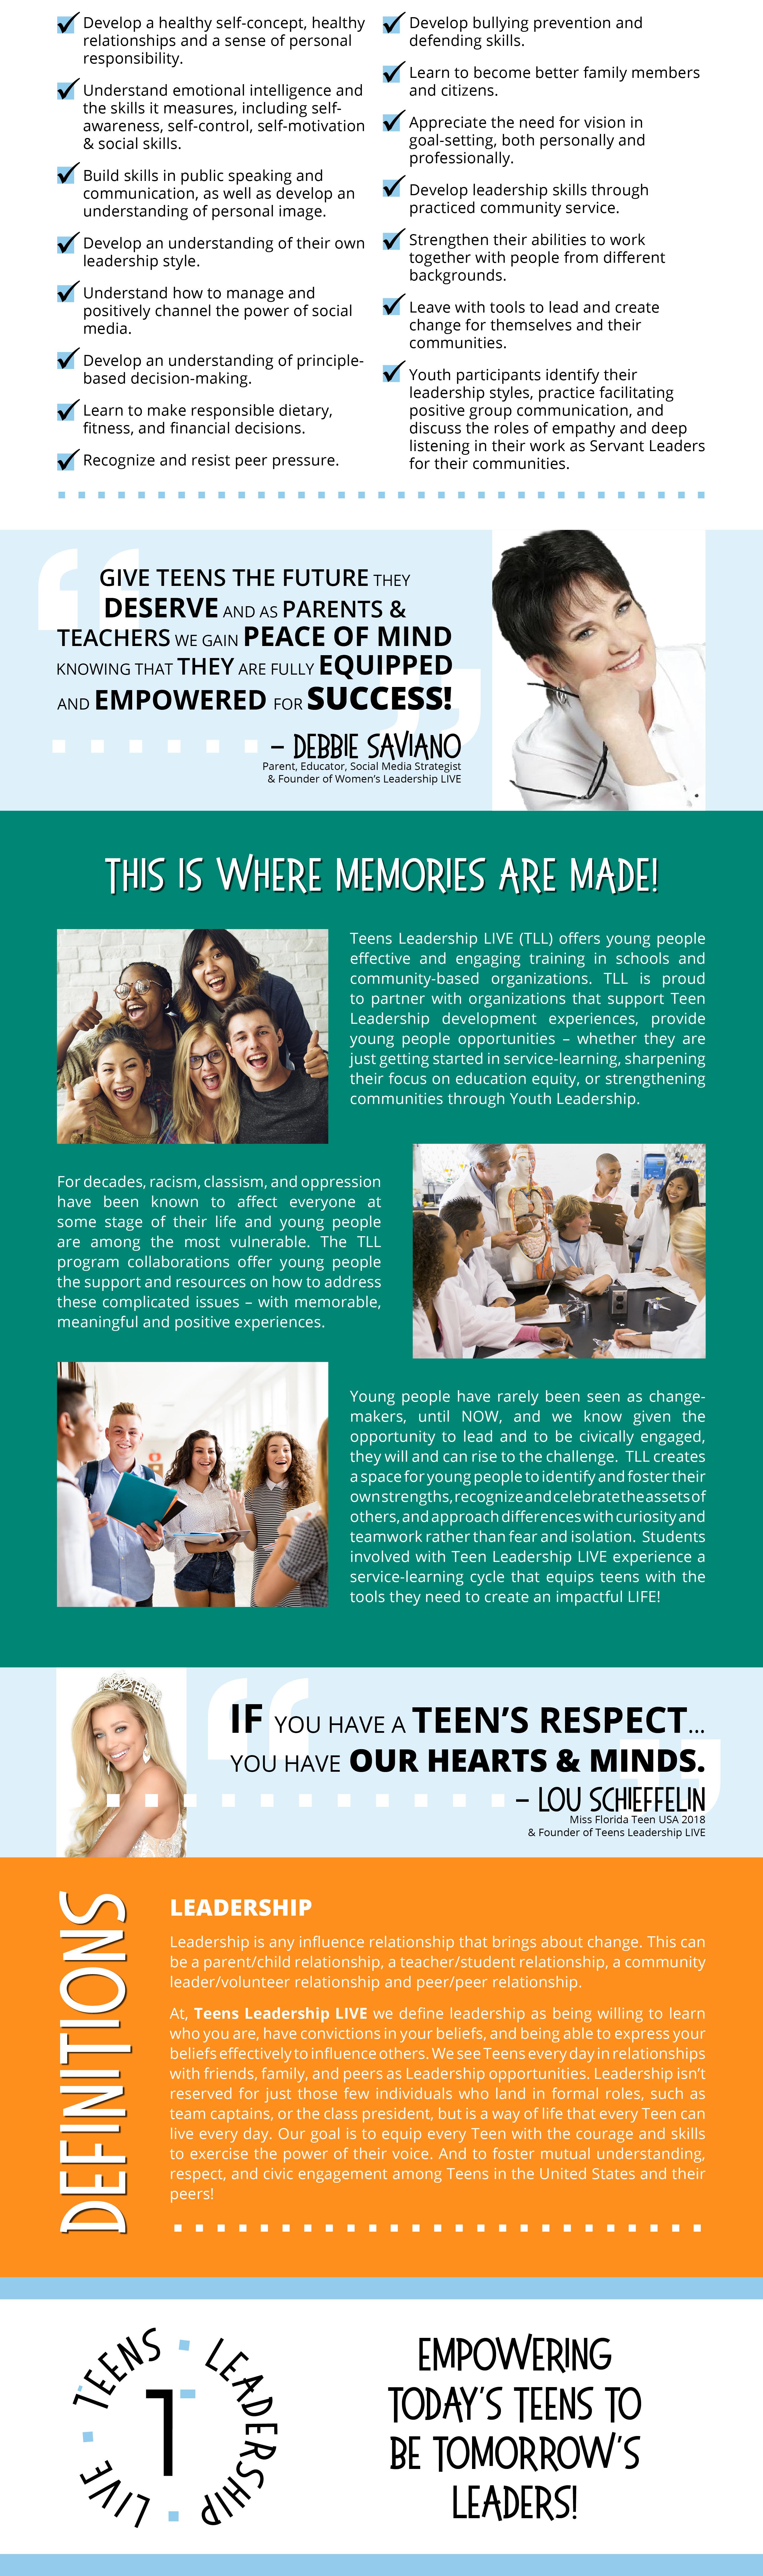 TeensLeadershipLIVE Webpage-4